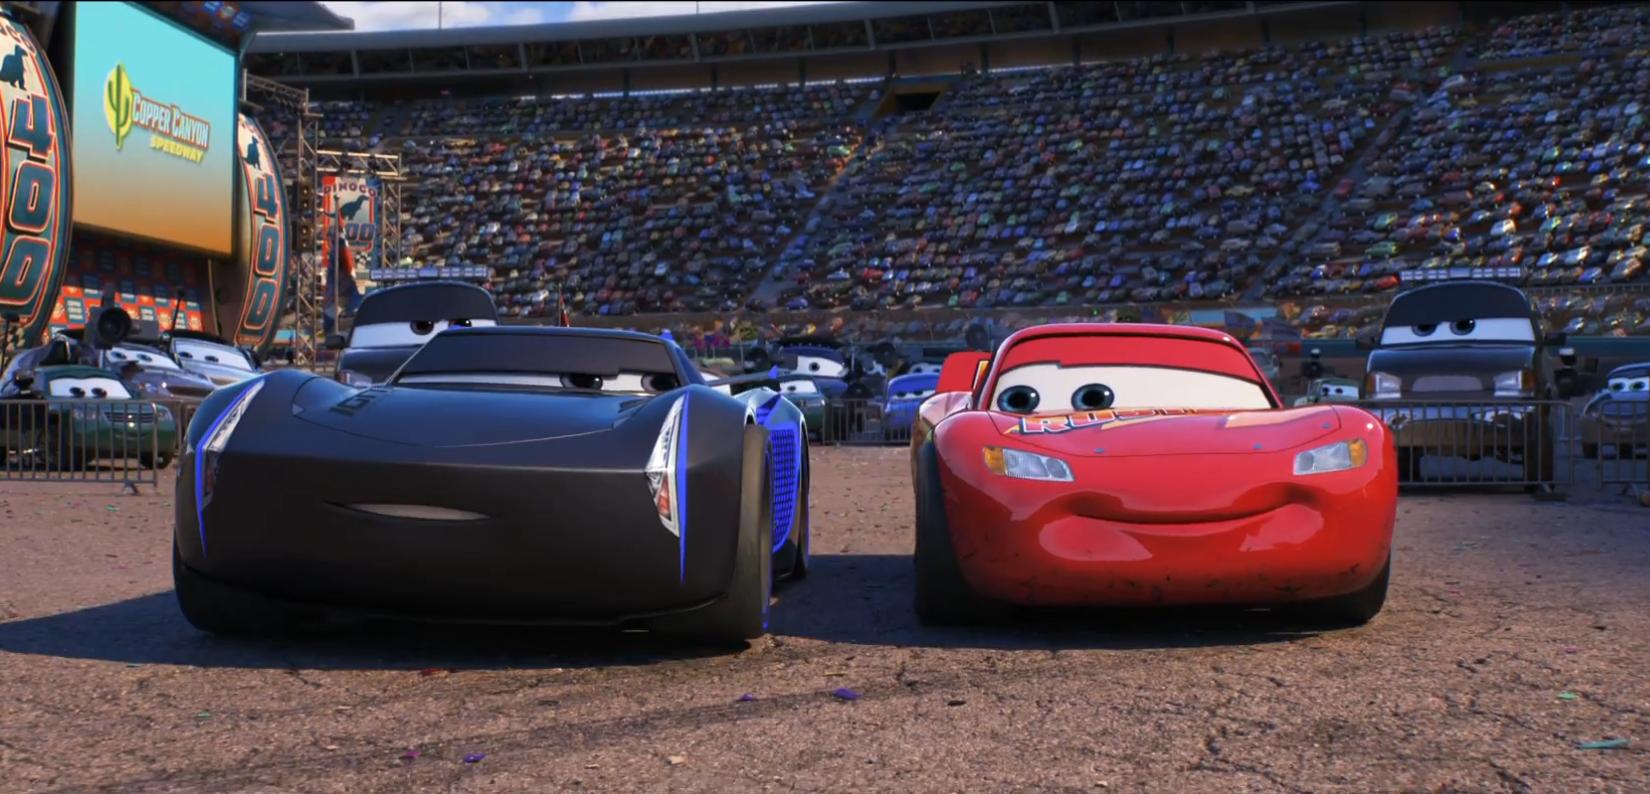 《賽車總動員3》的劇情預告片看著有點意思